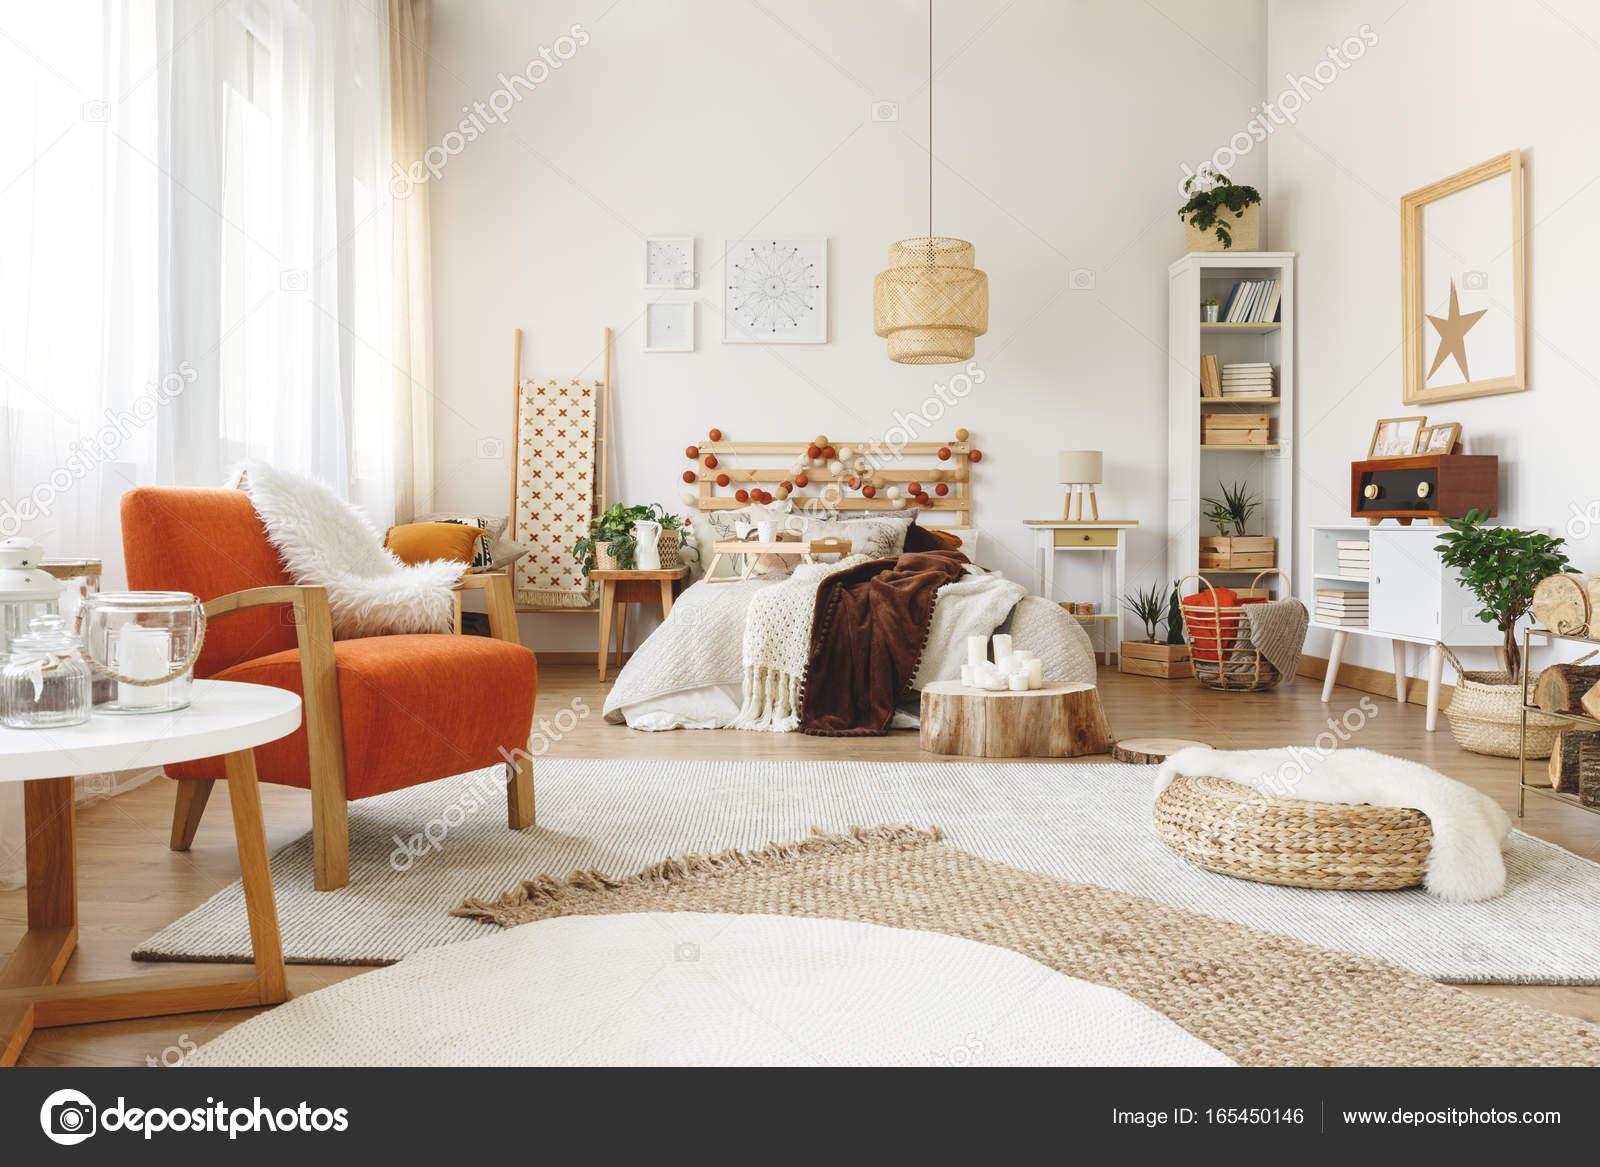 Oranje stoel in slaapkamer — Stockfoto © photographee.eu #165450146